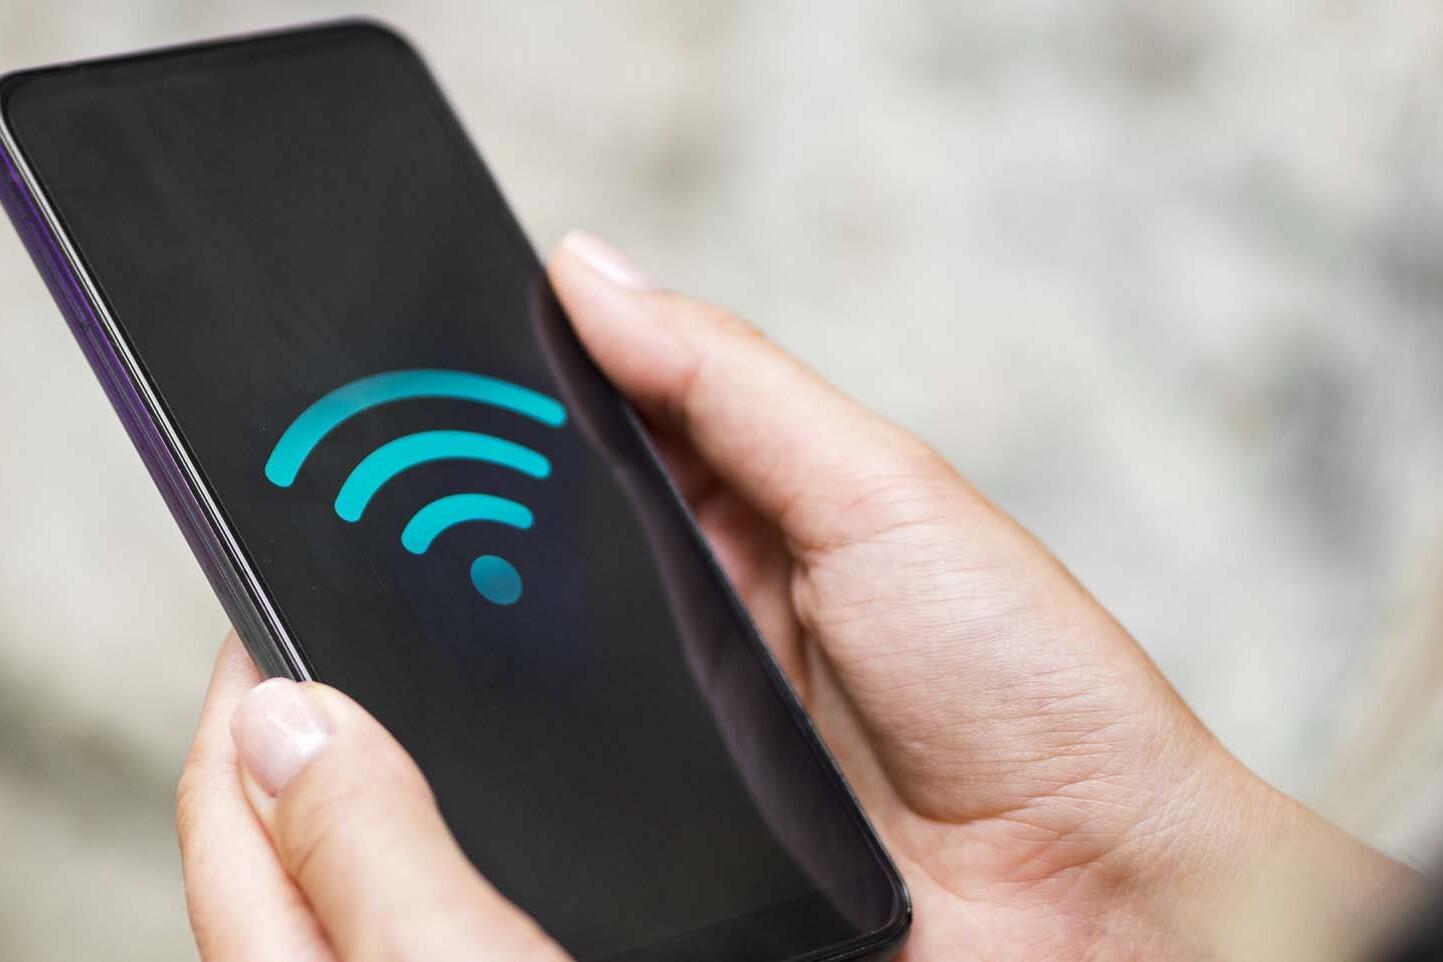 ottimizzare il wifi: smartphone con simbolo del wifi a piena connessione